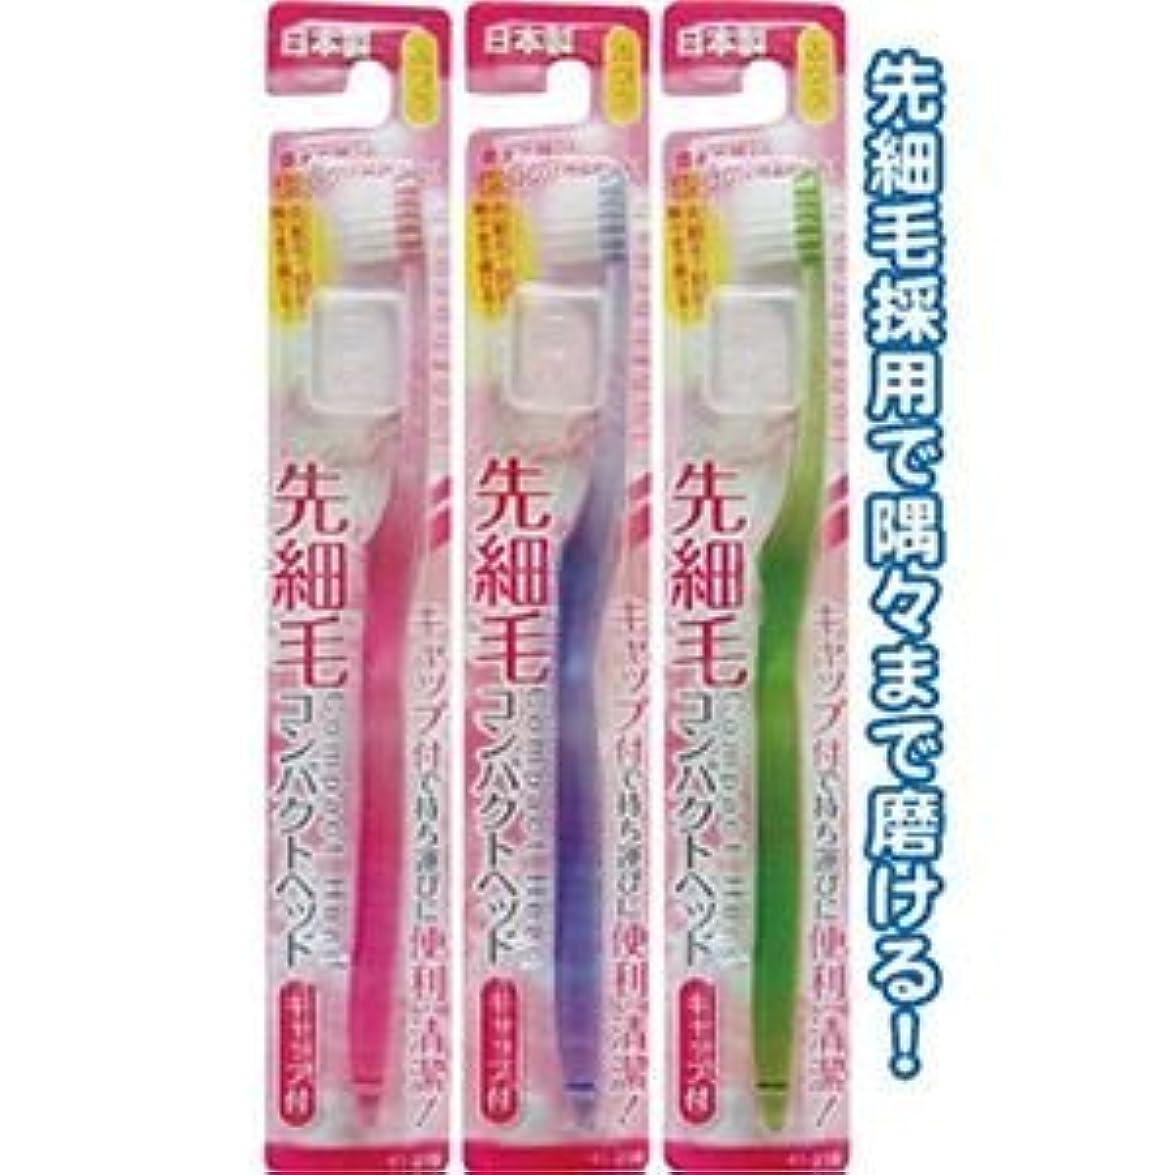 で値下げ払い戻しコンパクトヘッドキャップ付歯ブラシ先細ふつう日本製 【12個セット】 41-218